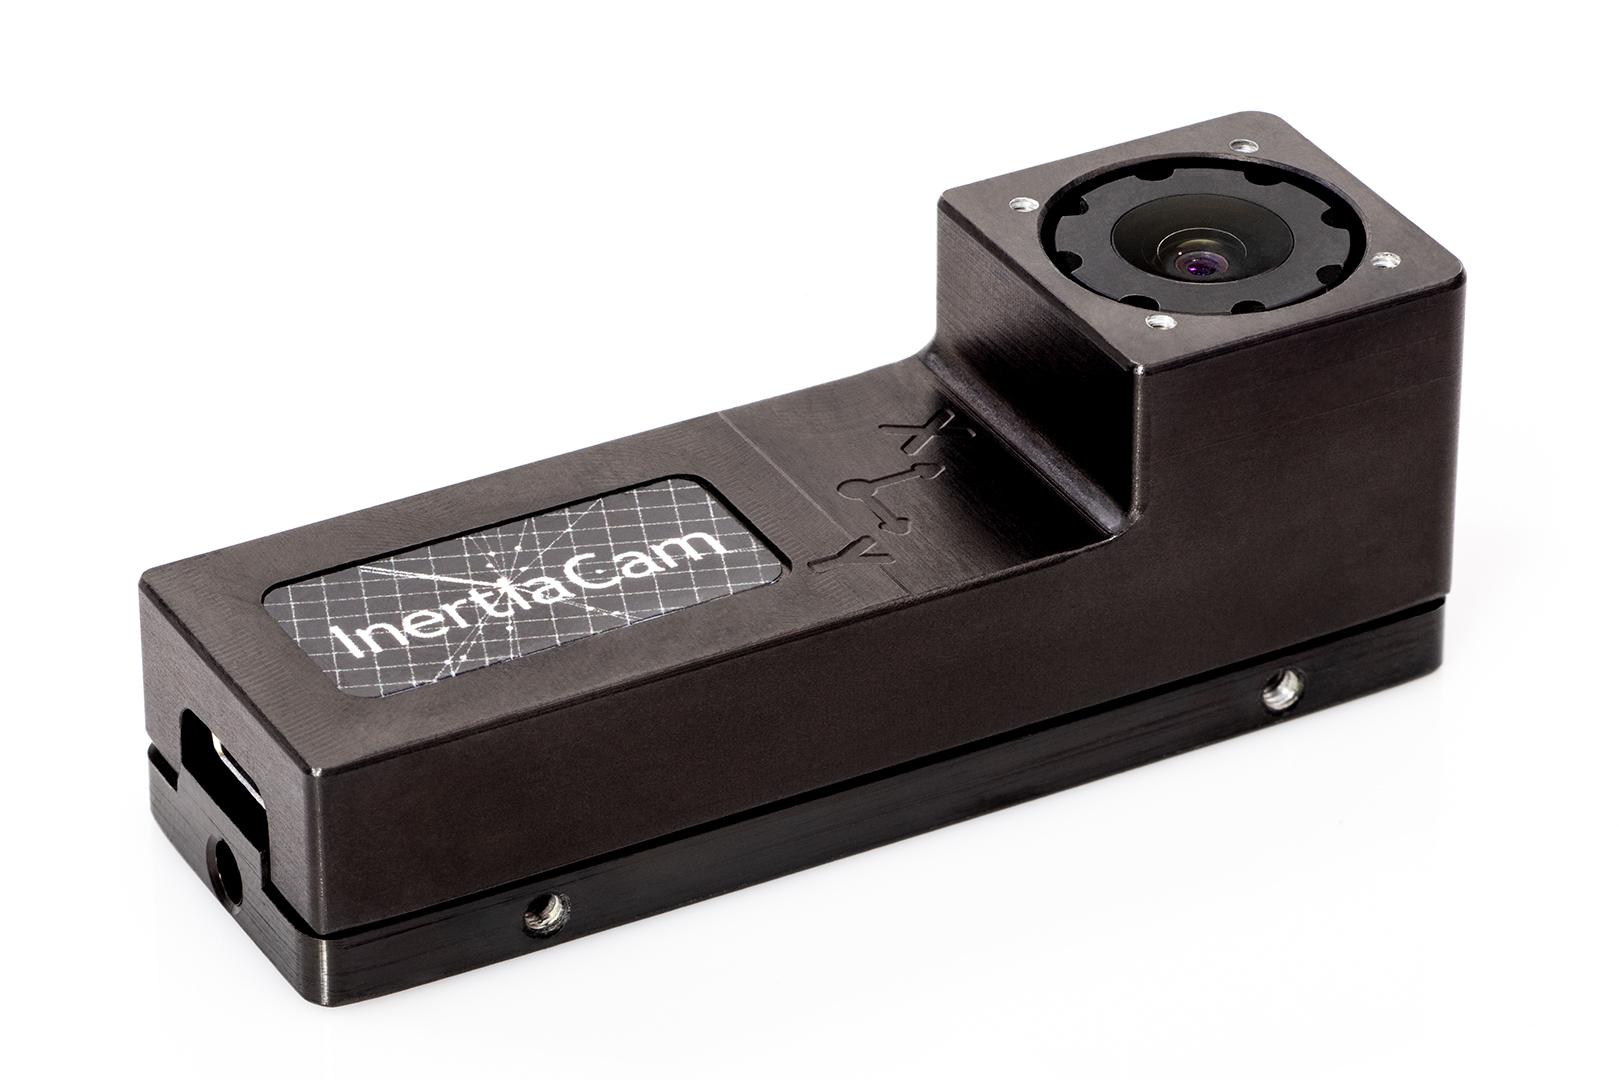 InertiaCam